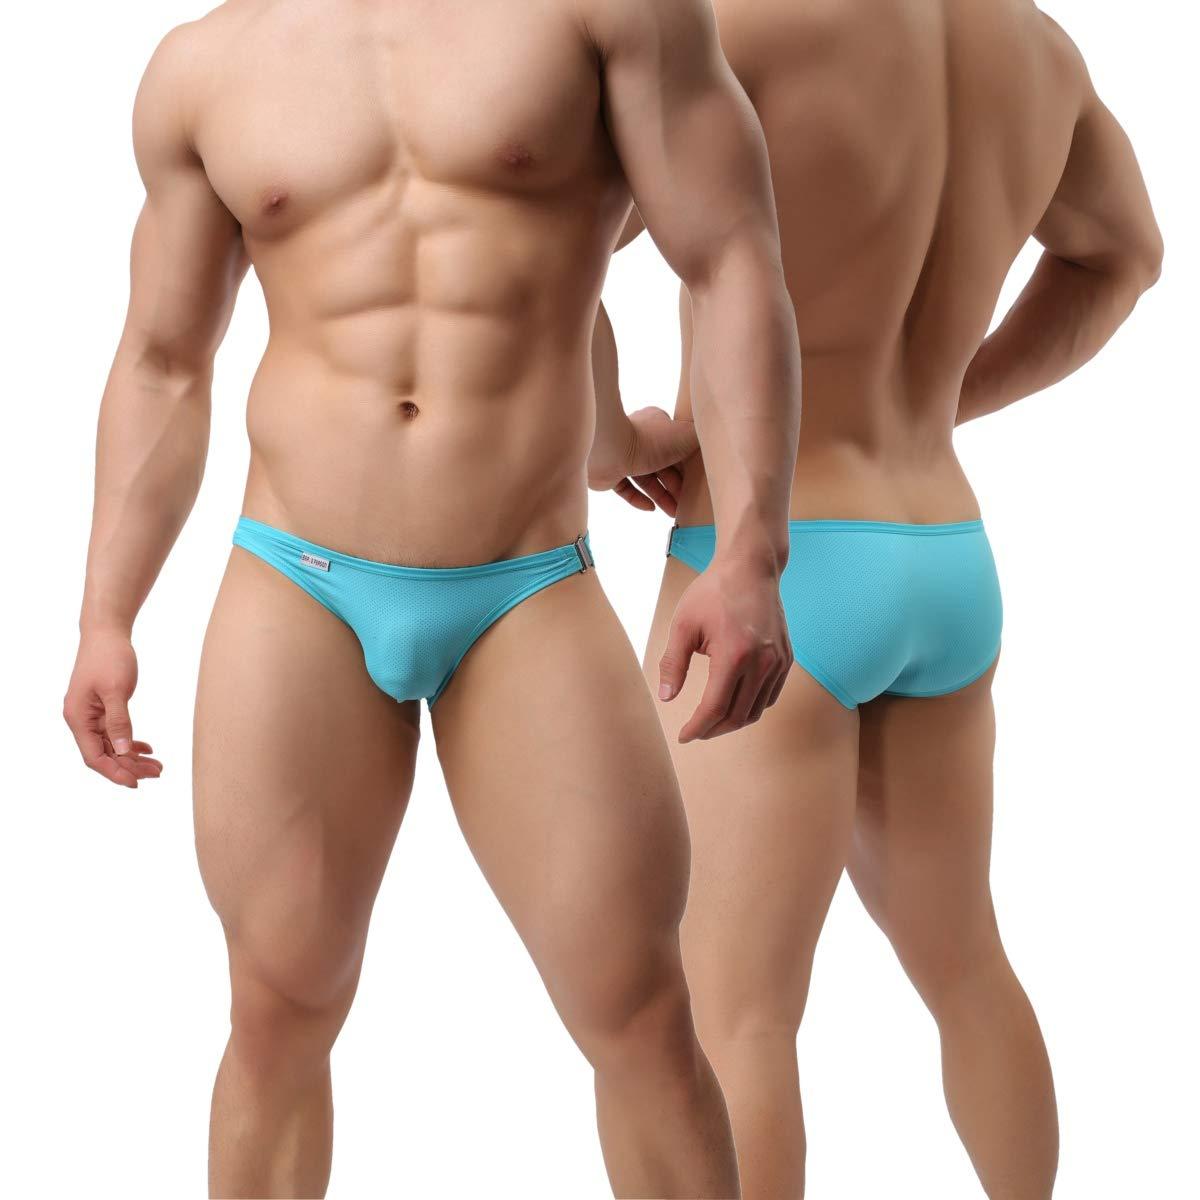 MuscleMate Premium Men's Thong Underwear, 2018 F/W Collections, Butt-Lift Men's Thong Undie Butt-Lift Men' s Thong Undie